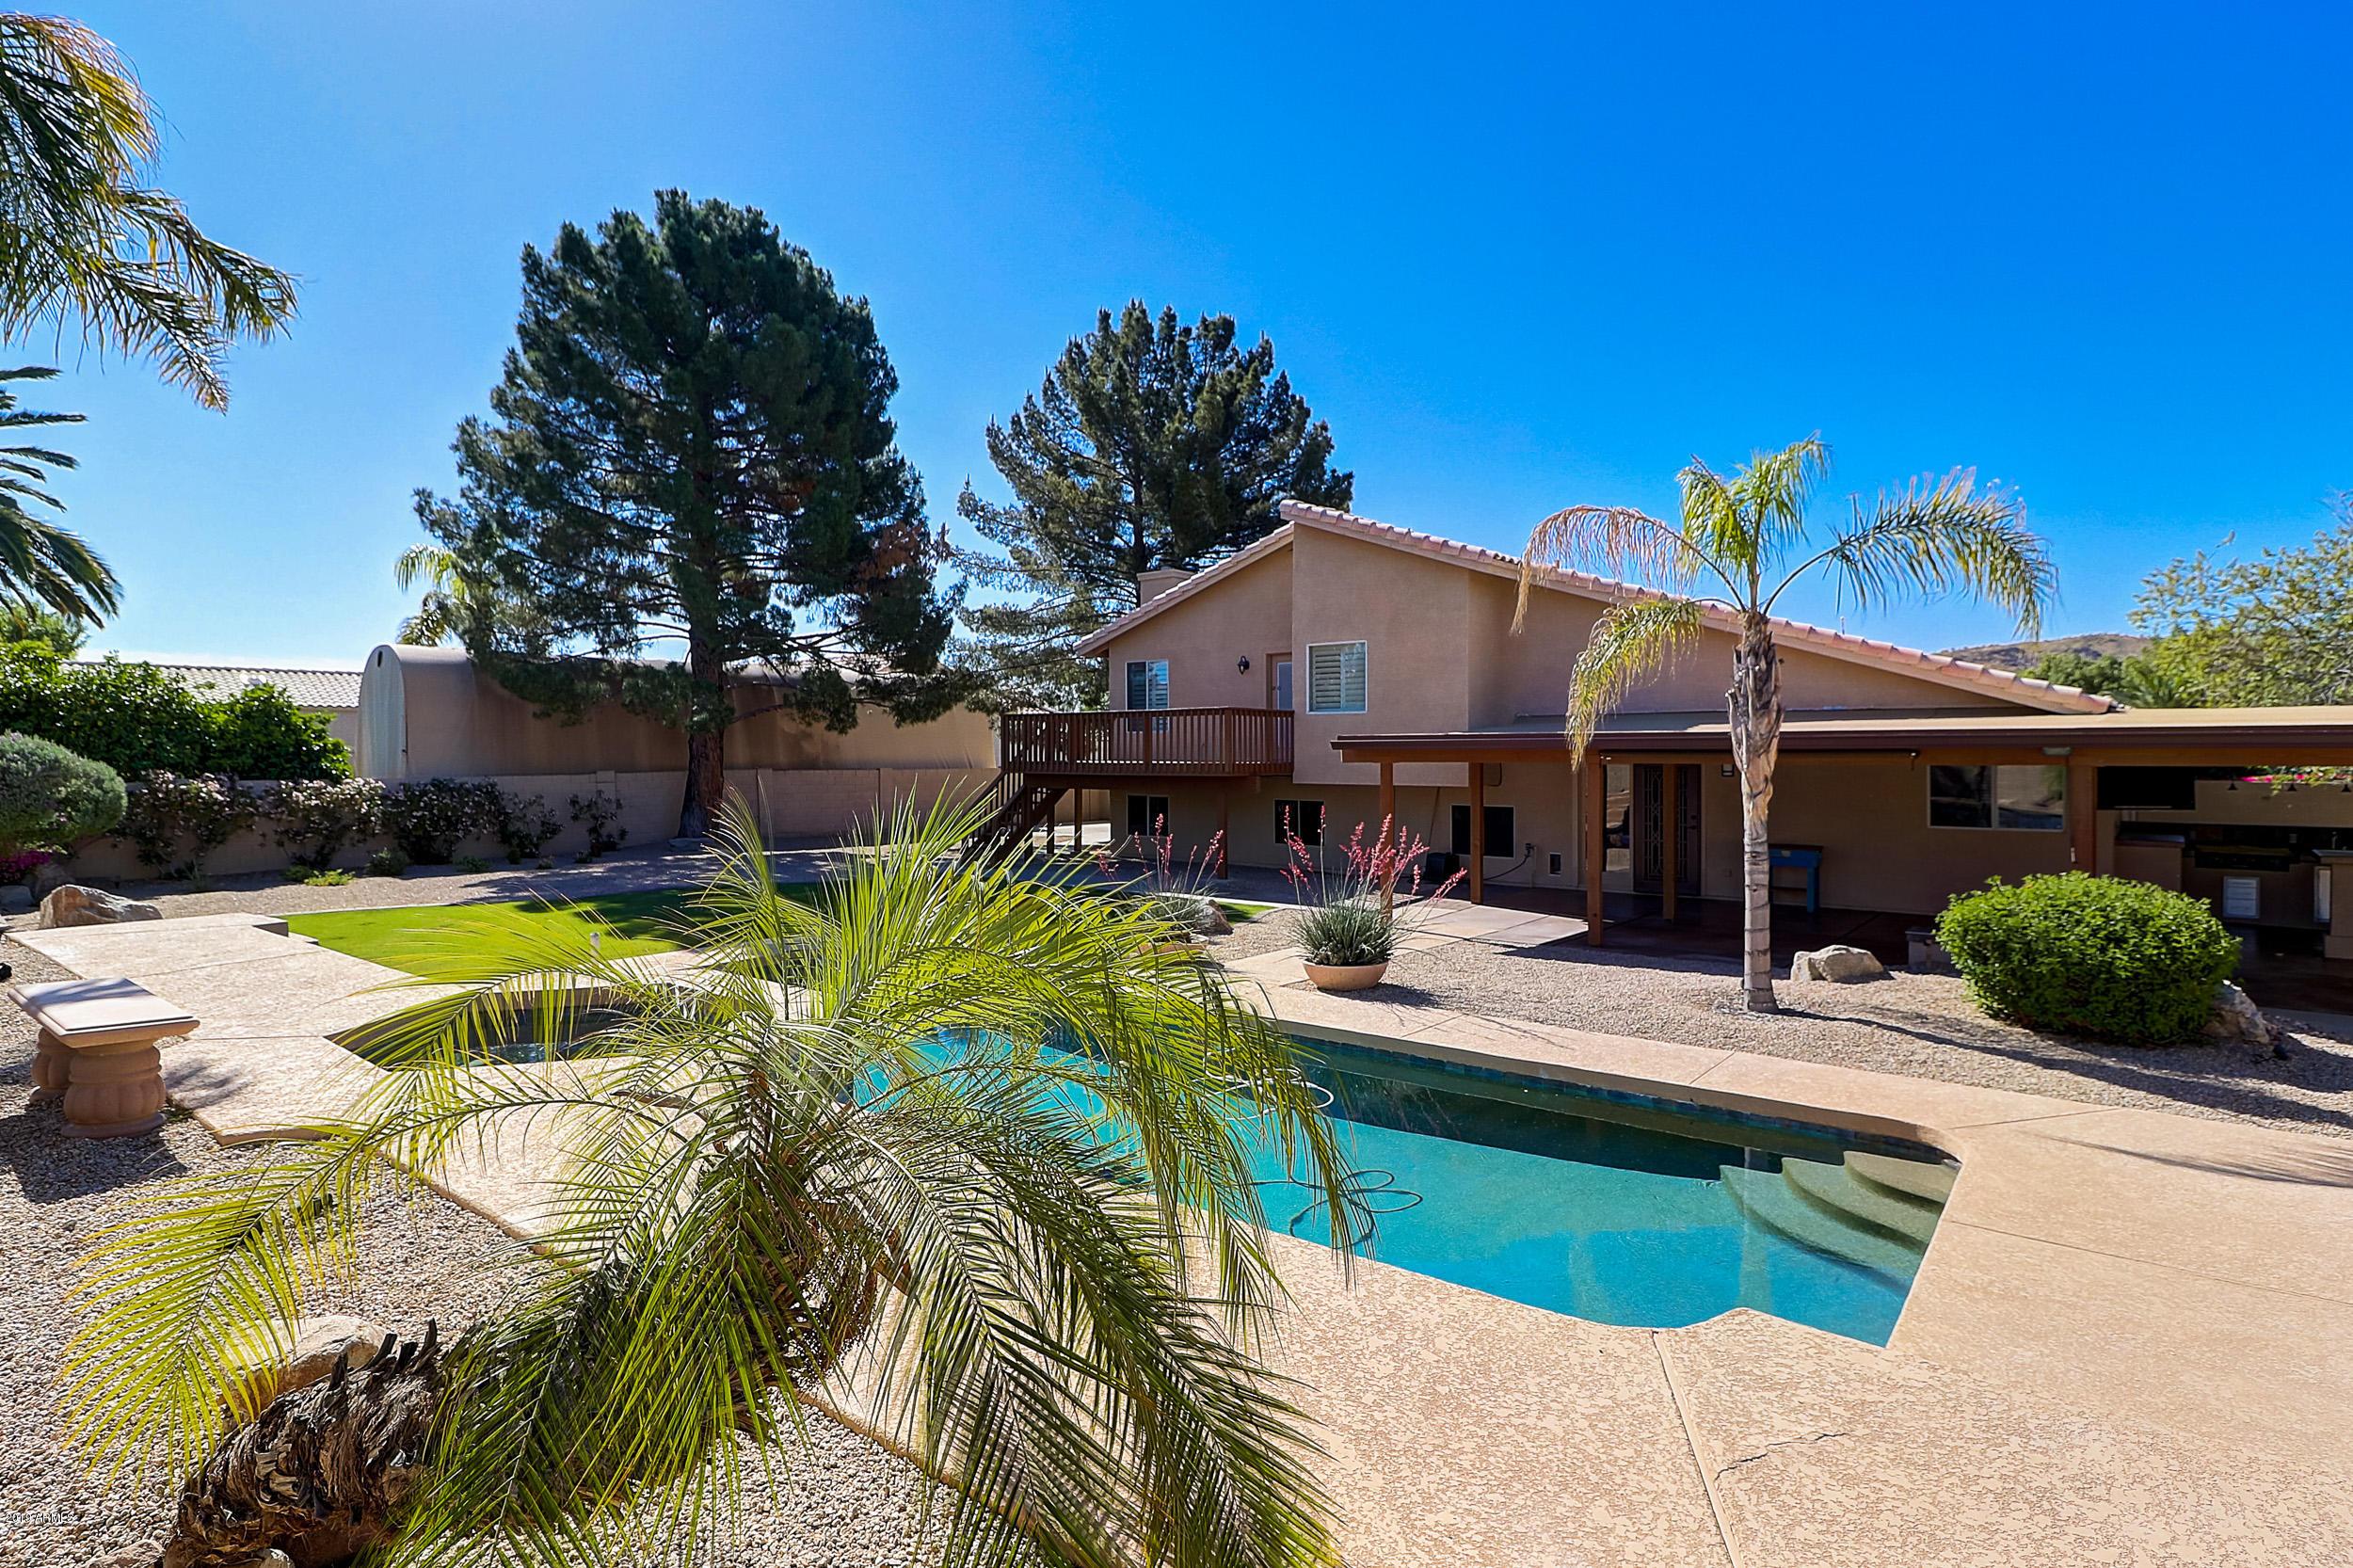 Photo of 5552 W Alameda Road, Glendale, AZ 85310